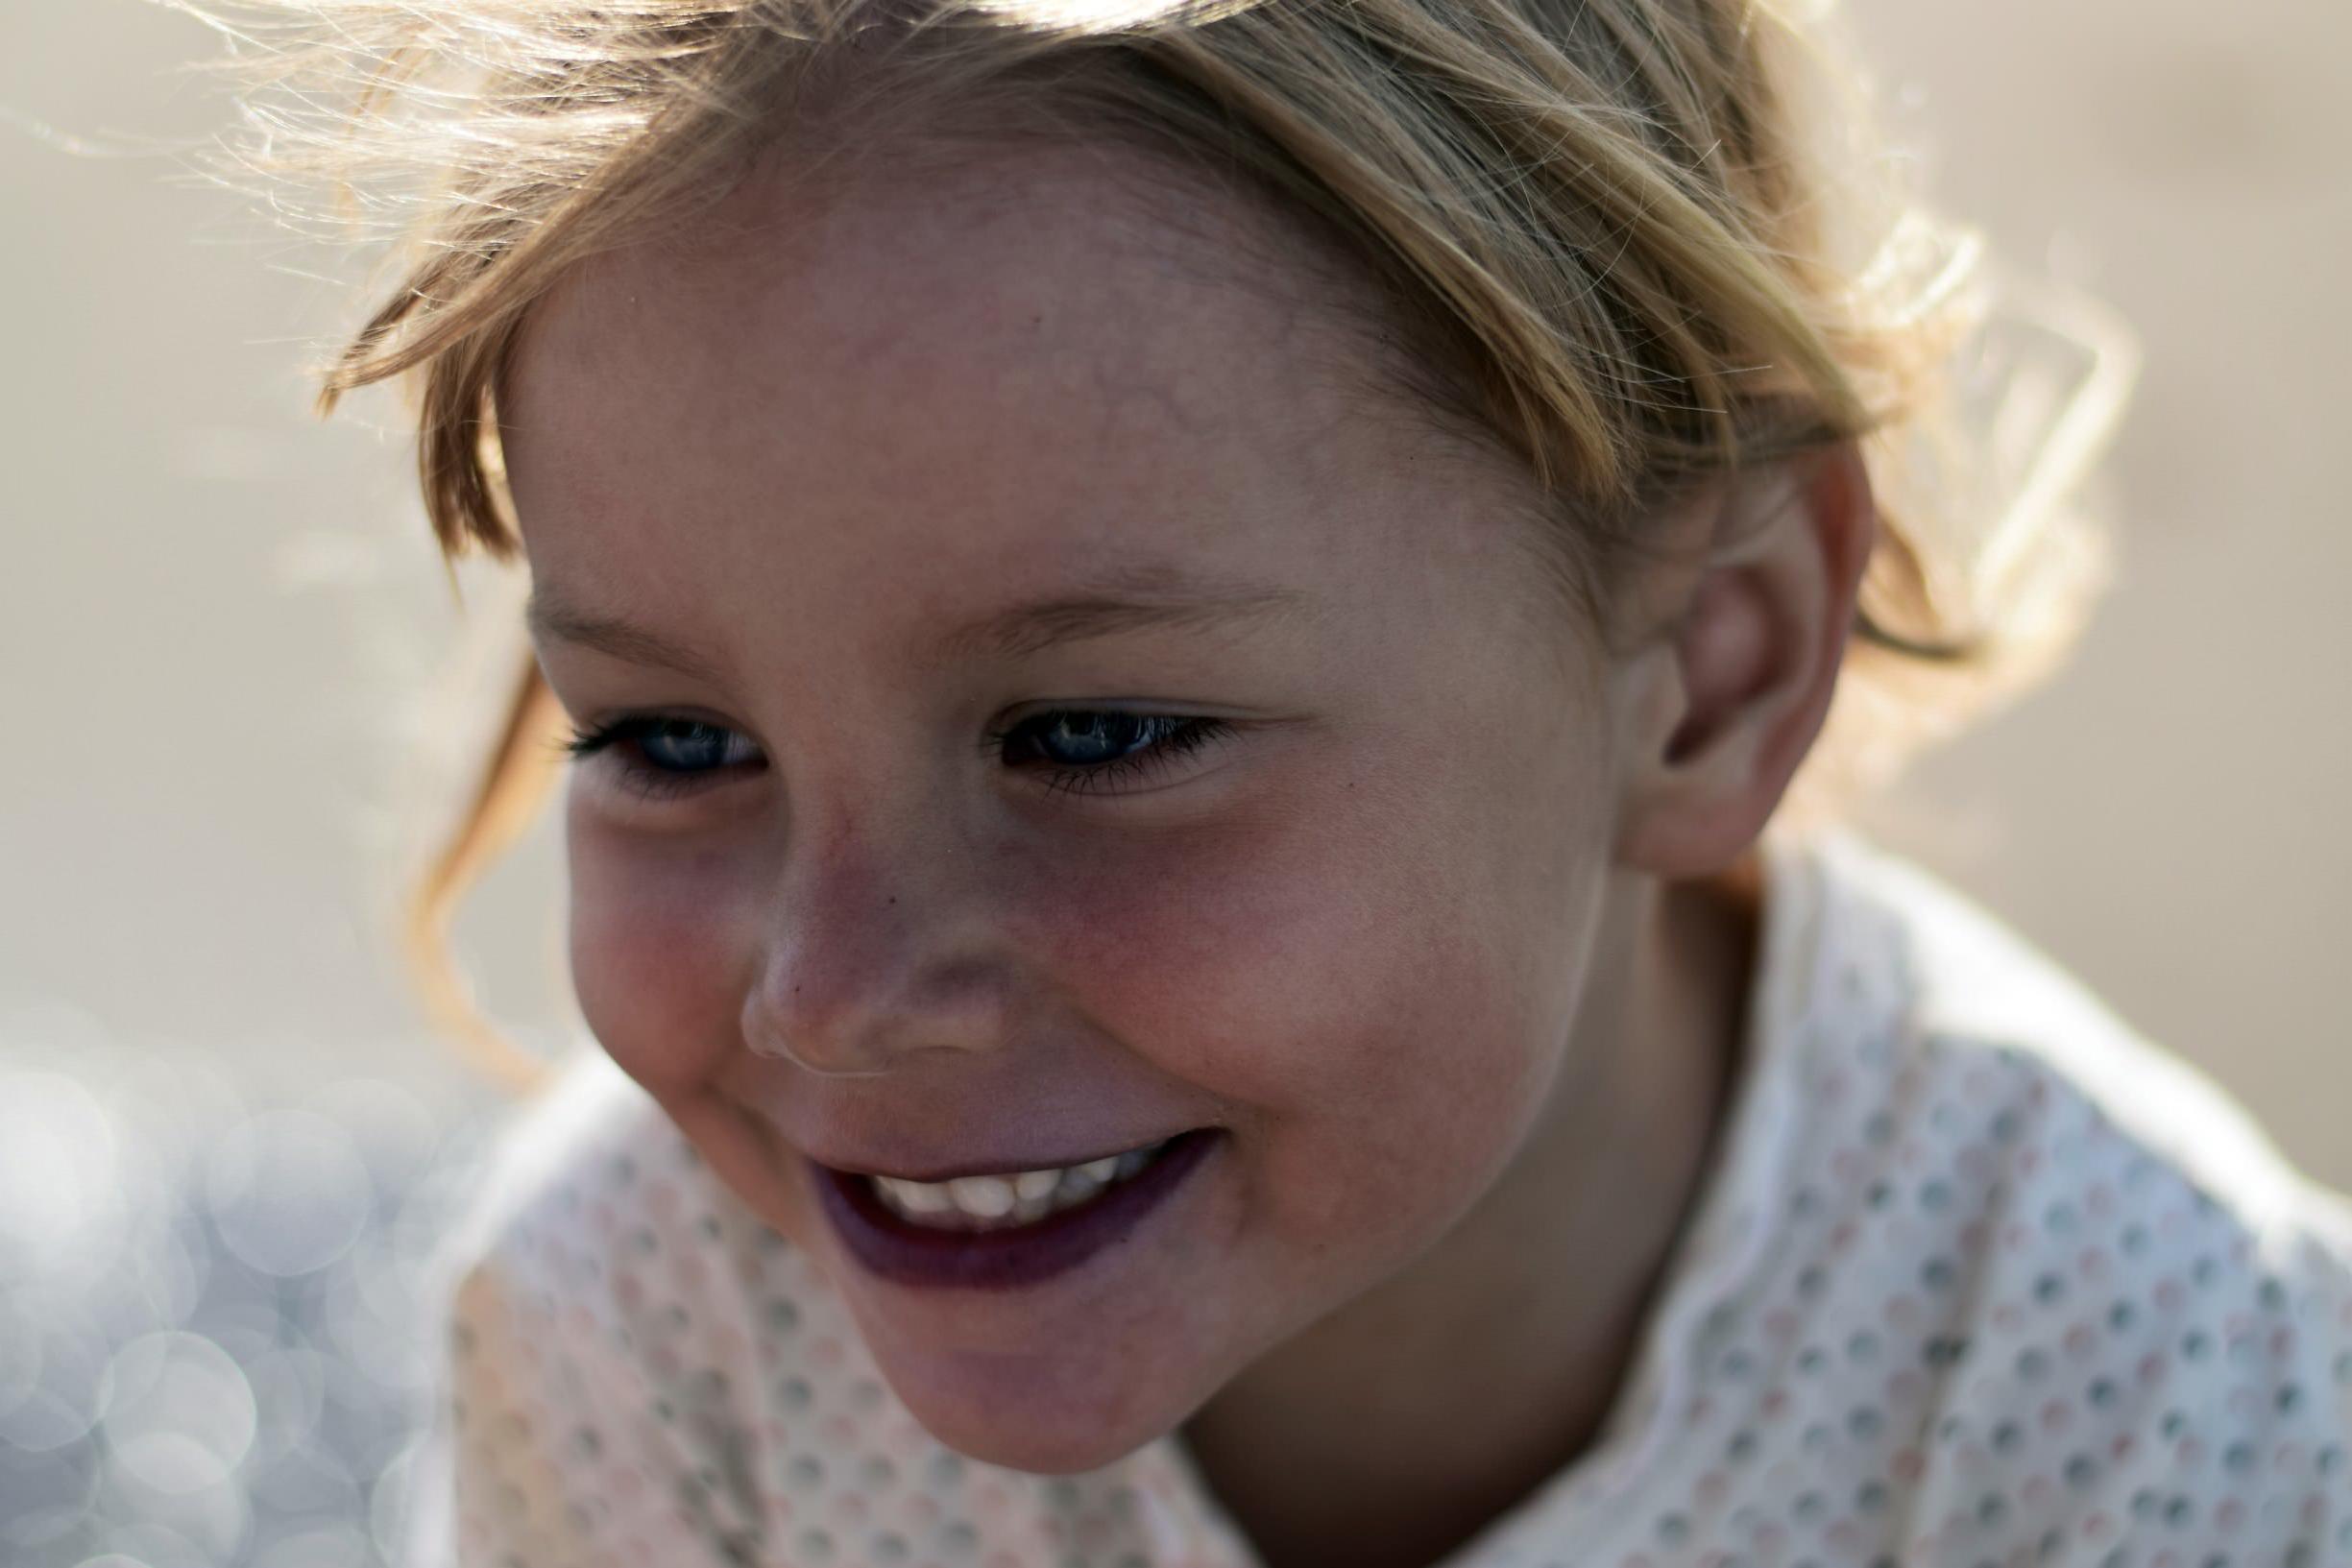 Nærbilde av ansiktet til en glad jente på rundt fire år